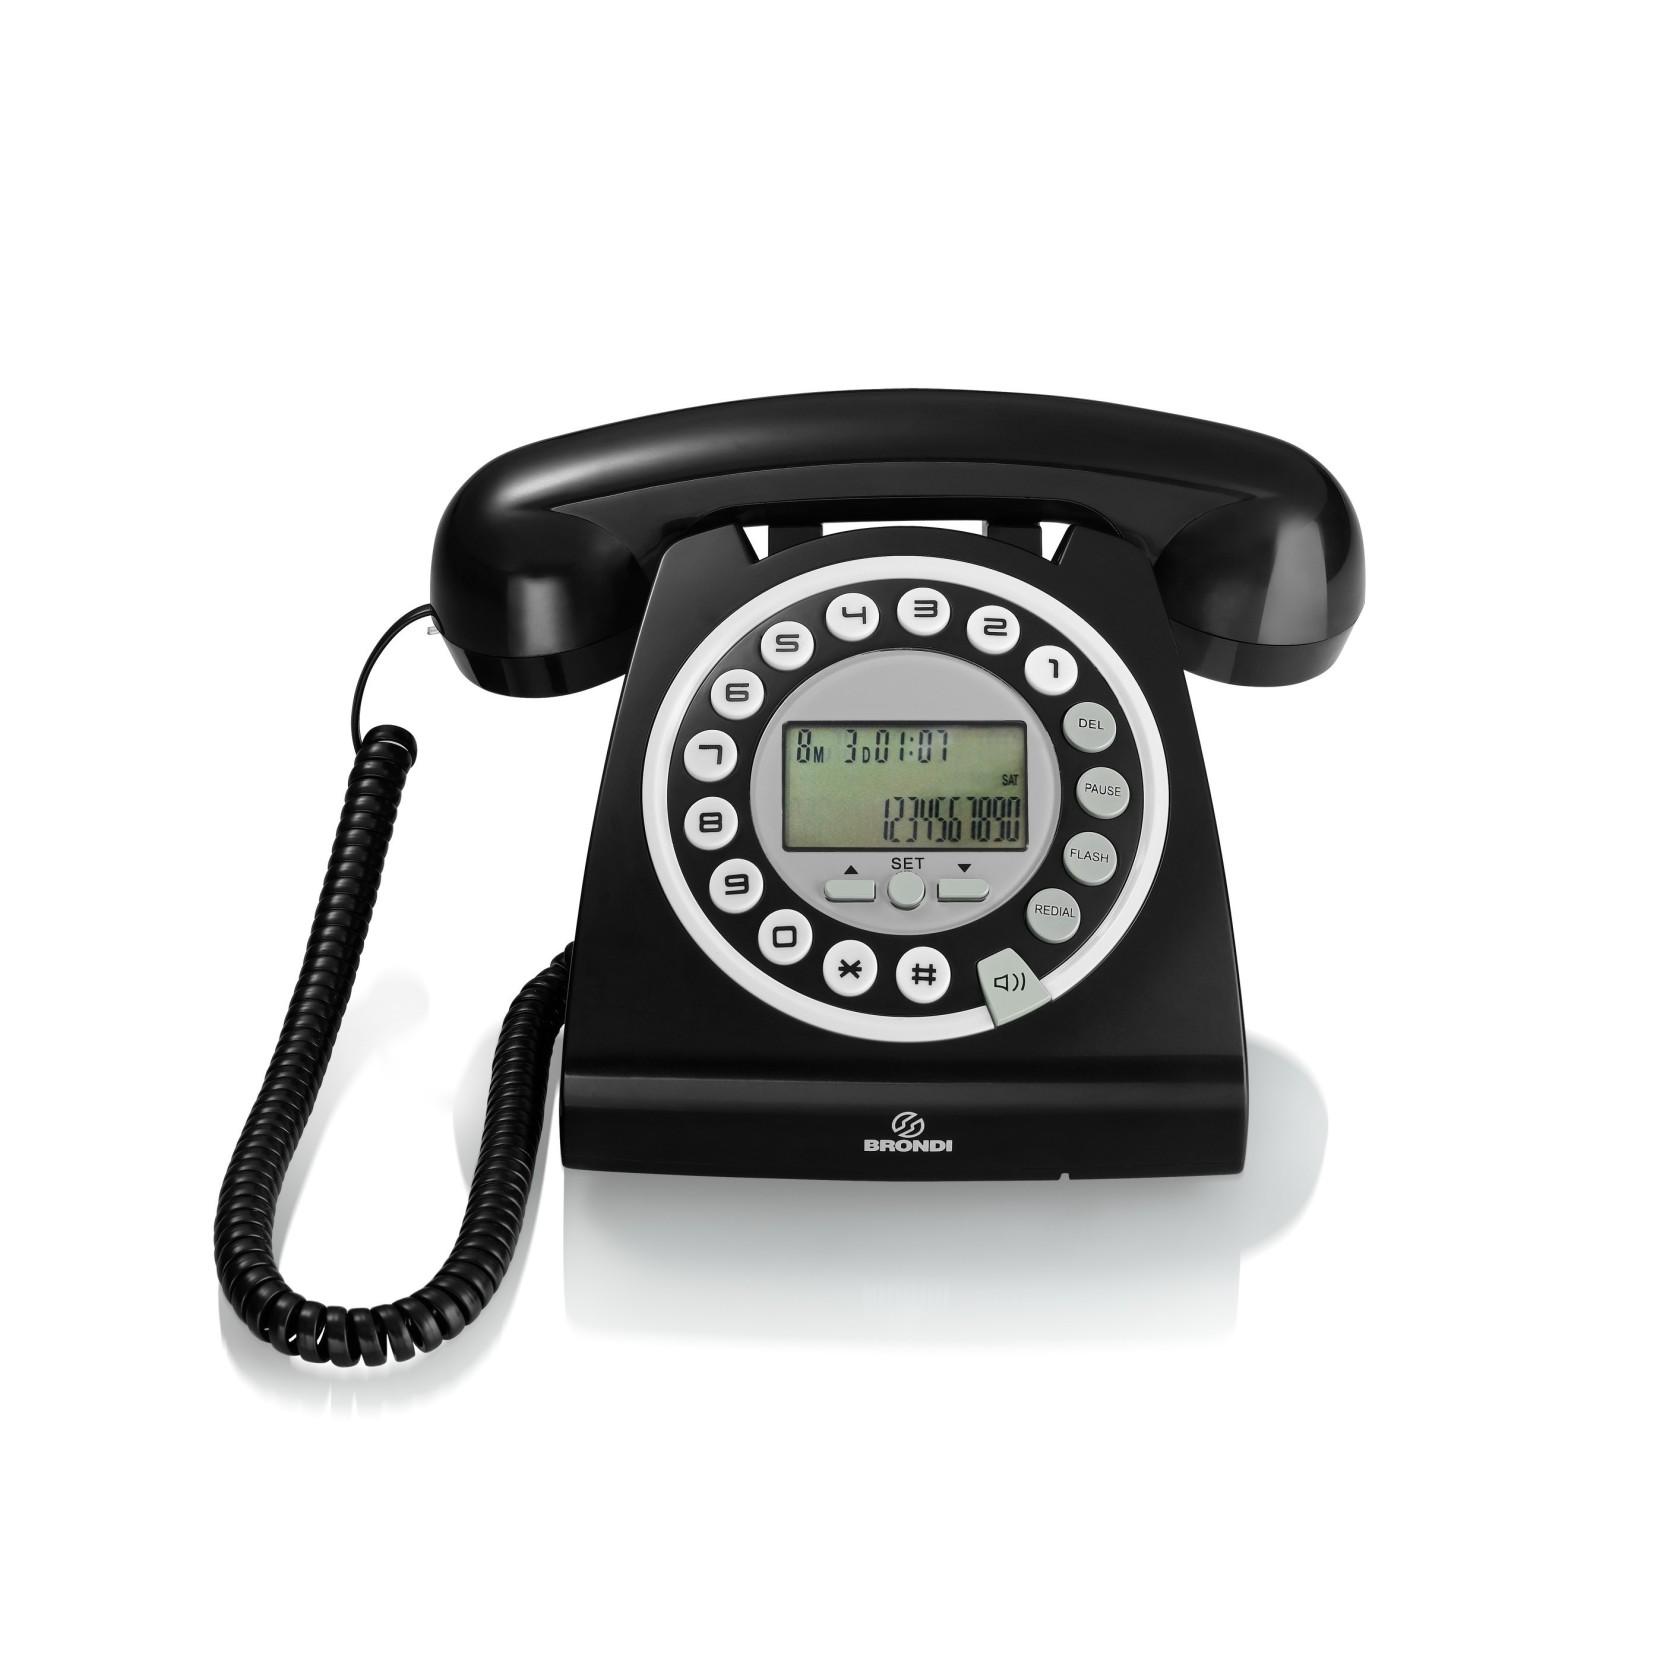 Telefono hallo brondi in offerta speciale - Telefono fisso design ...